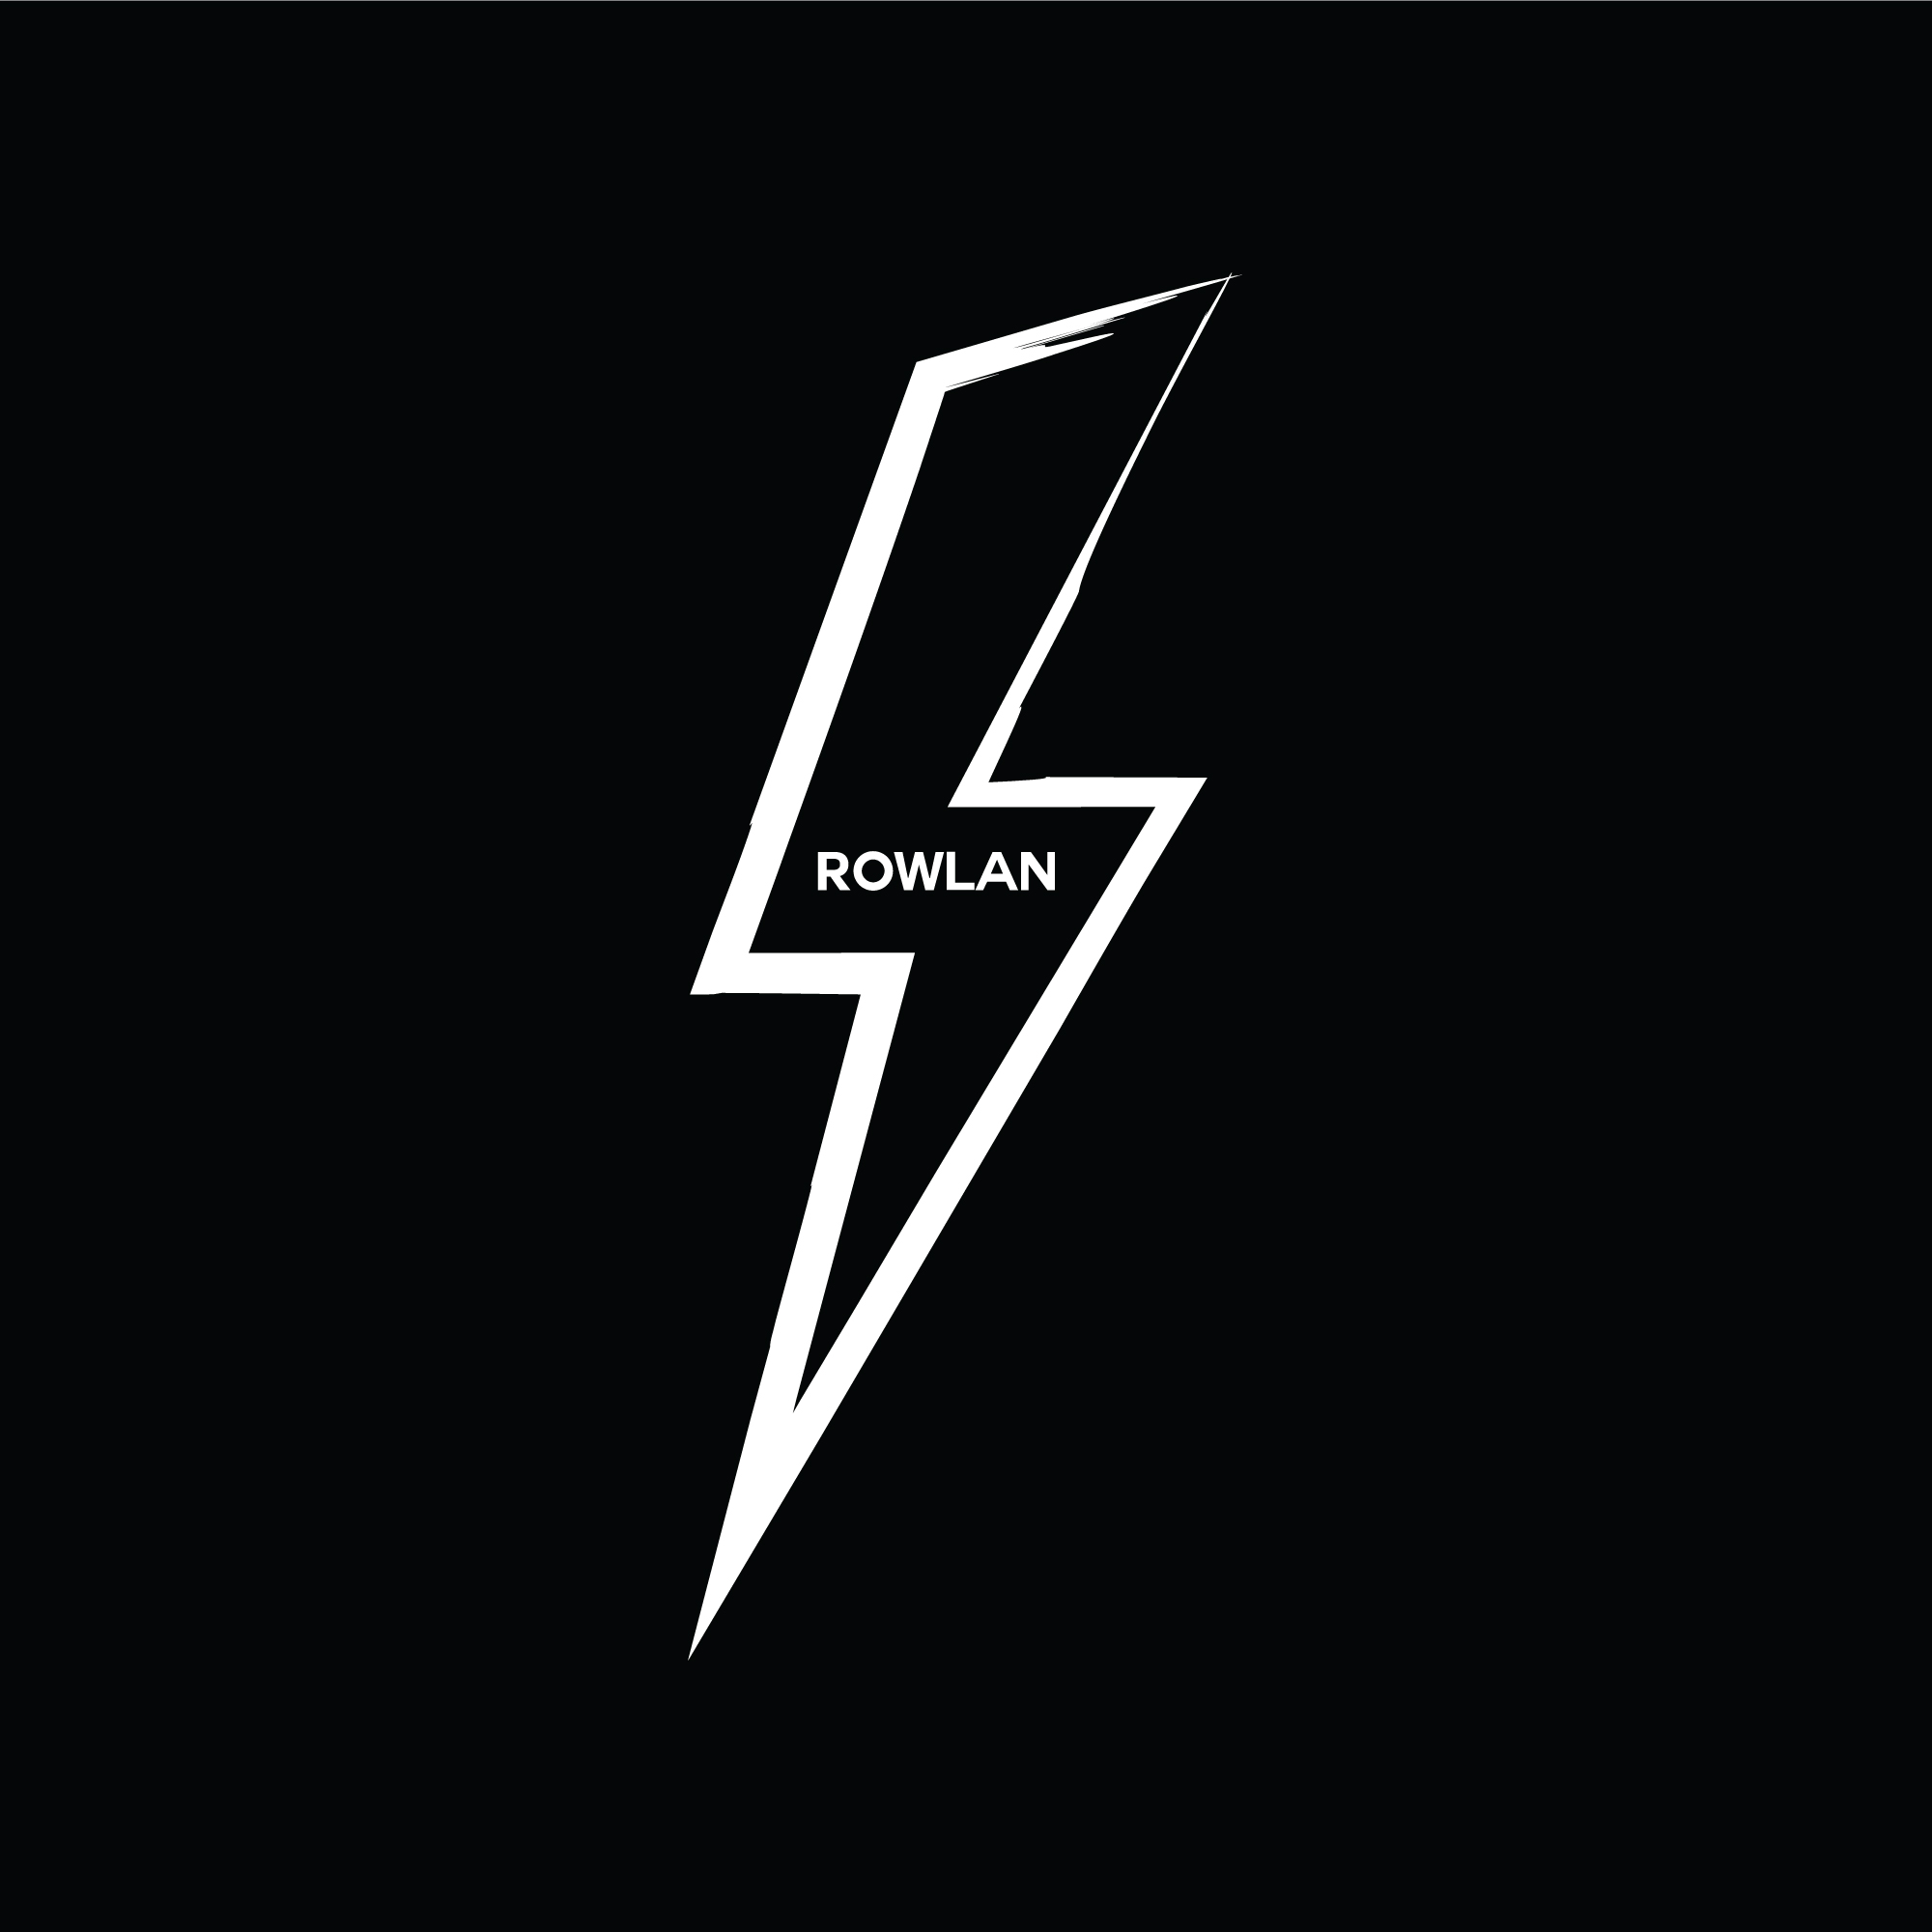 Rowlan-White-Logo-w-Text-Black-Background.jpg